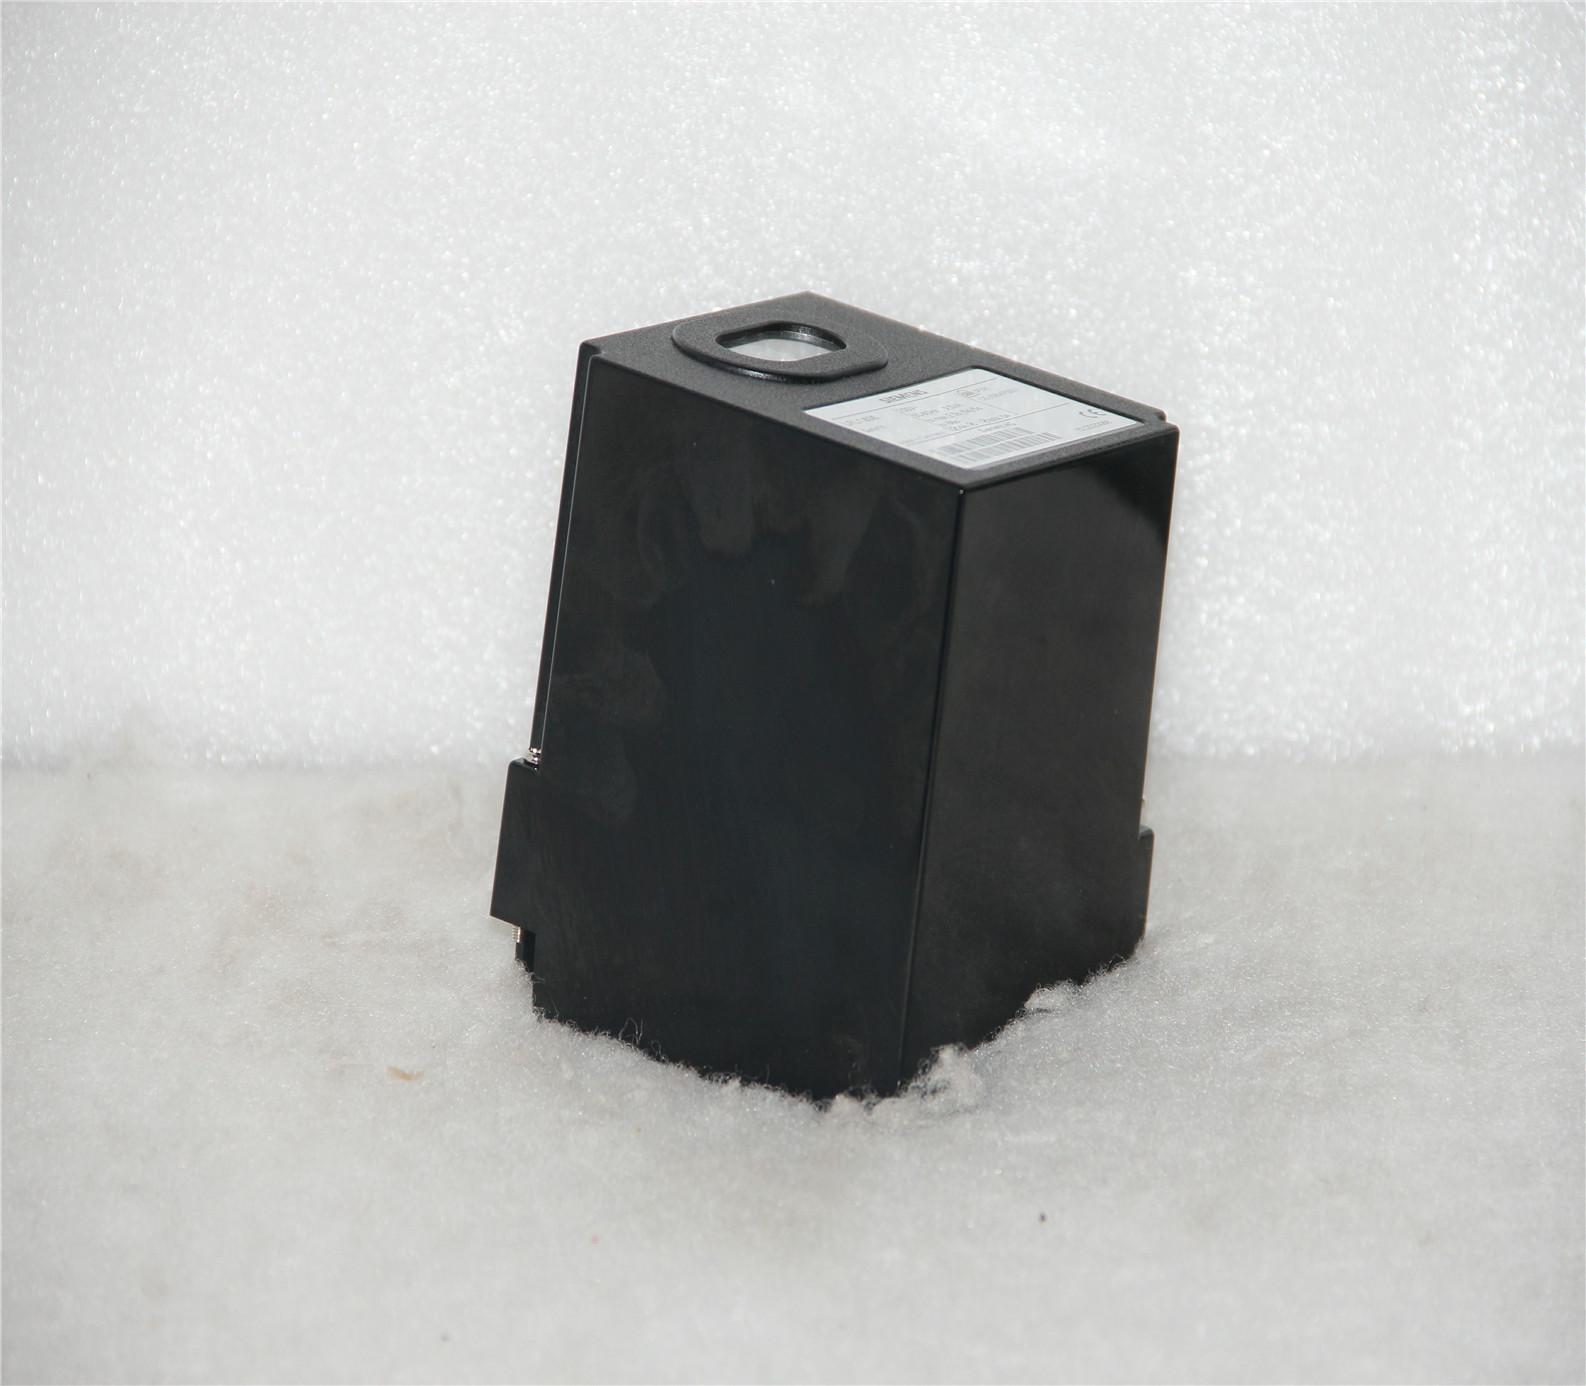 6ES5451-8MR12